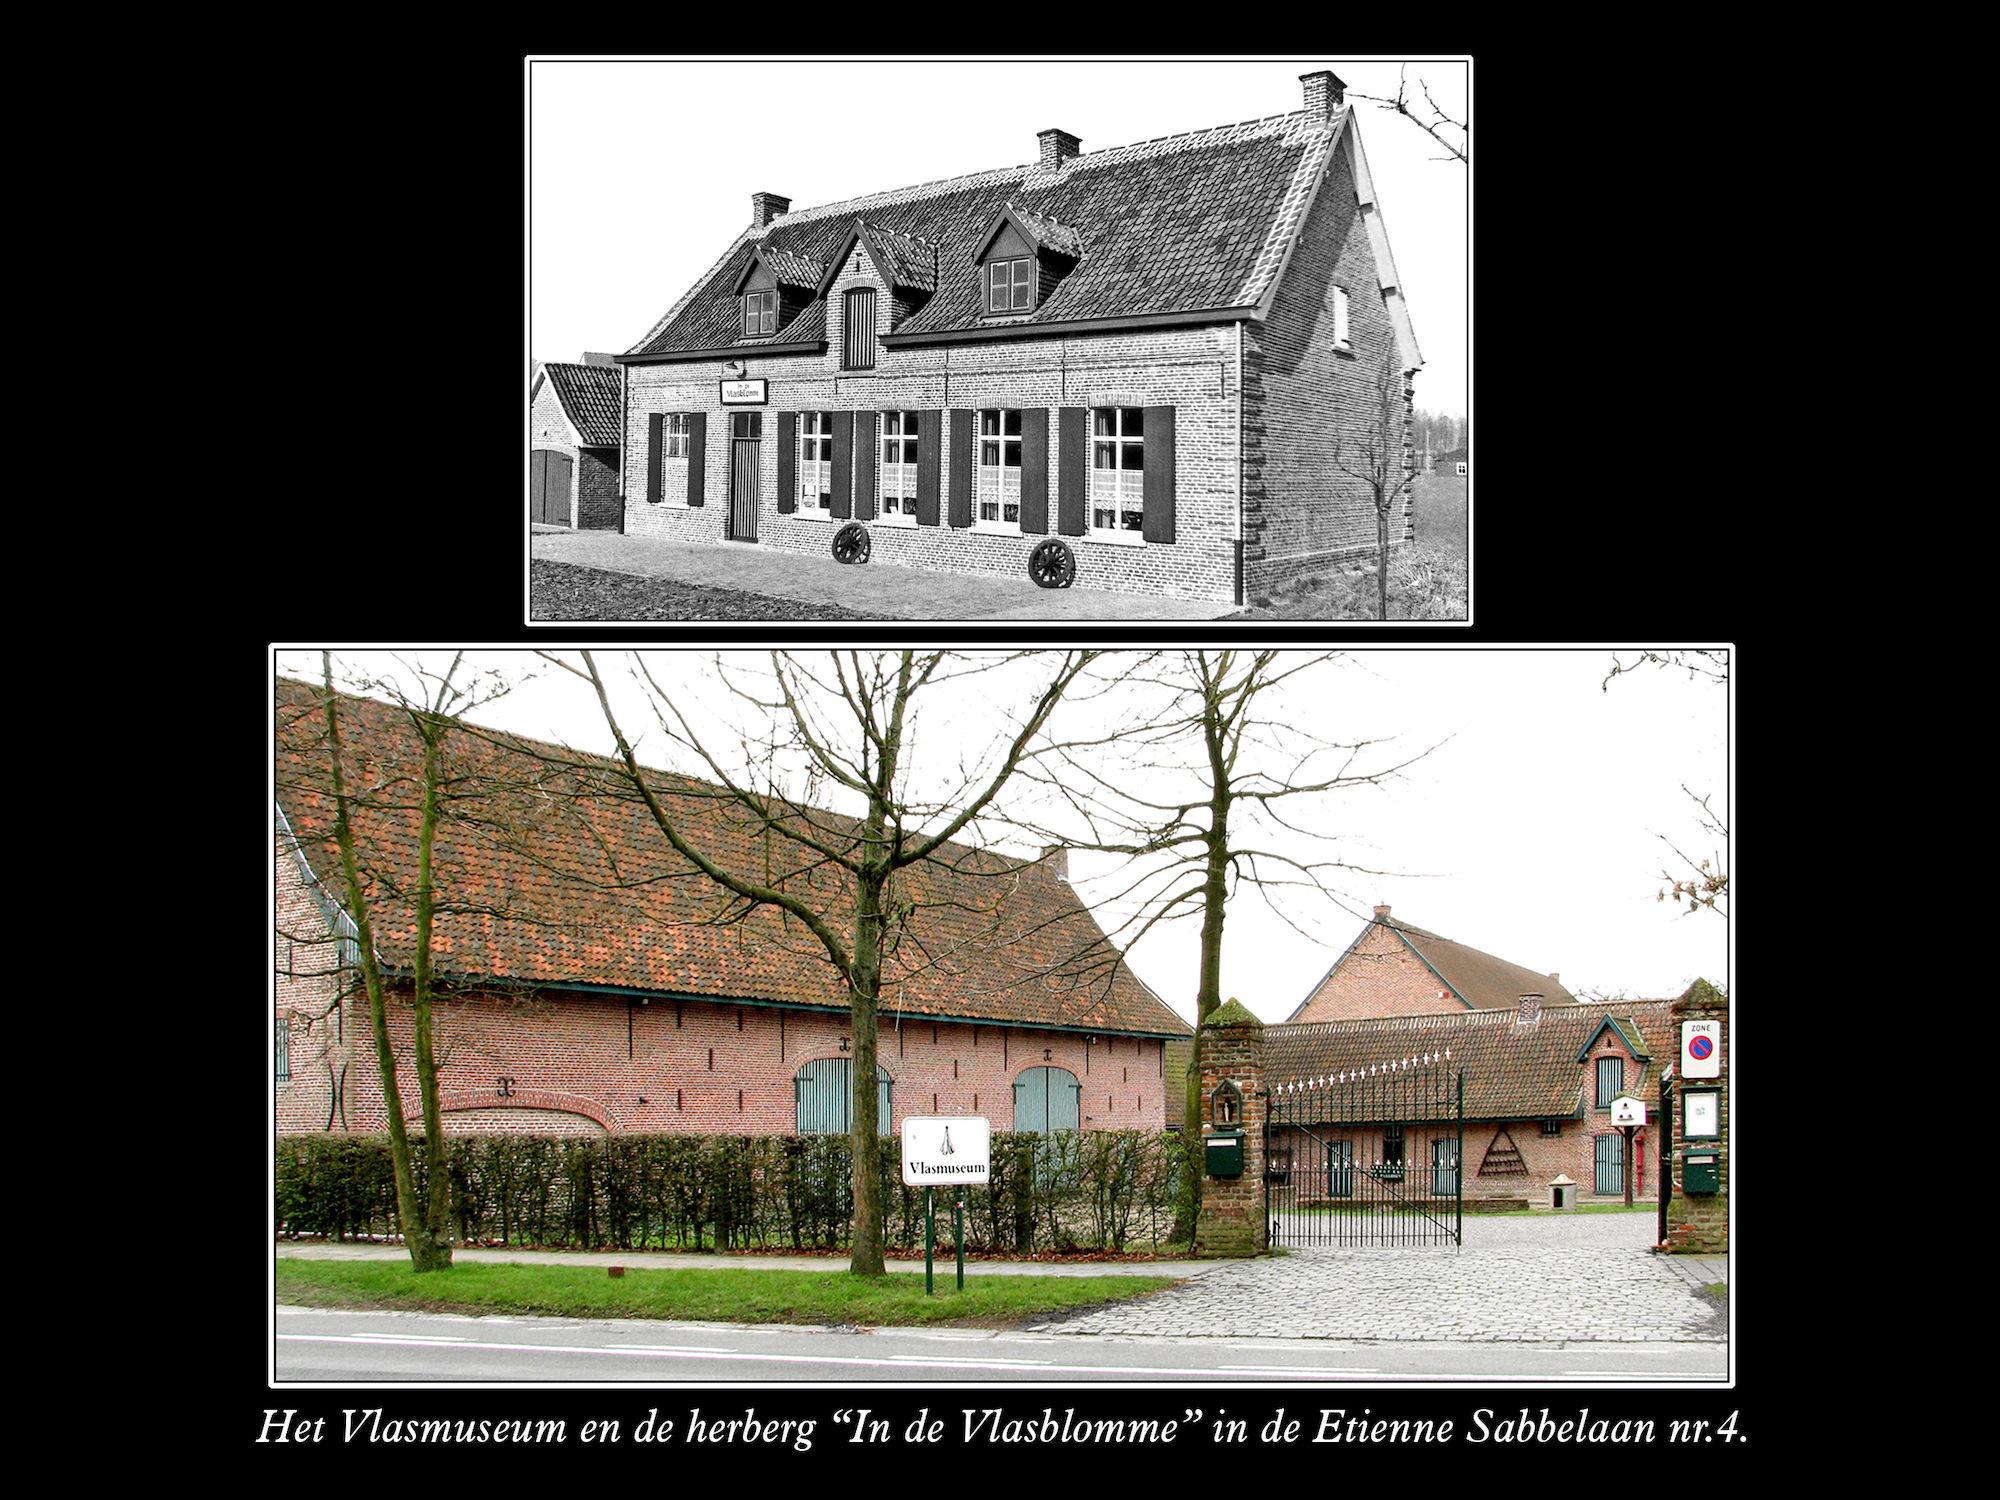 Etienne Sabbelaan - Vlasmuseum